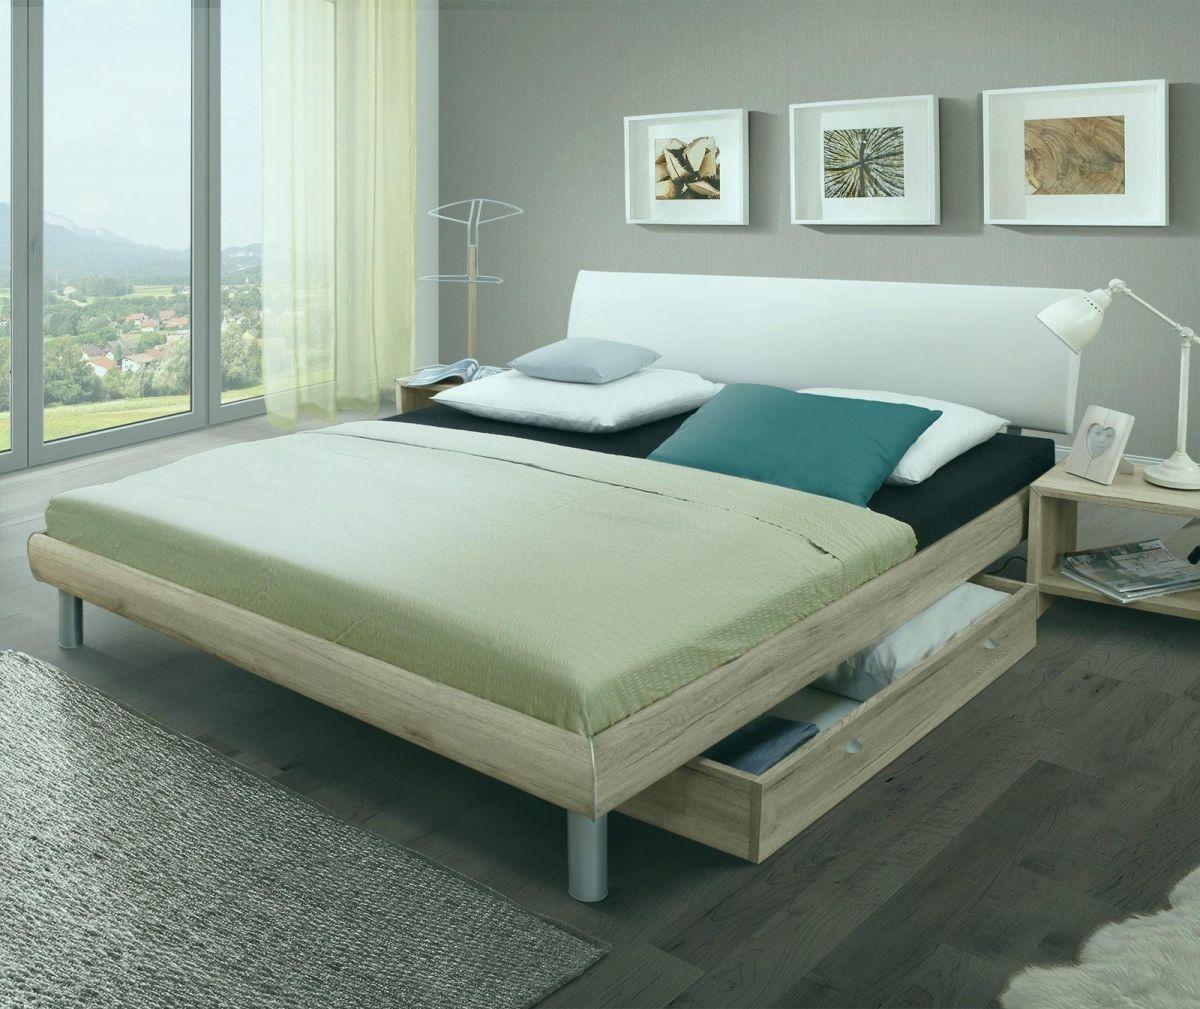 Full Size of 2m X Bett 1 80 Ob Sie Es Oder Ein Familienmitglied Produzieren Roba 120x190 Designer Betten 90x190 überlänge Feng Shui Stauraum Massiv 180x200 Relaxsessel Bett 2m X 2m Bett